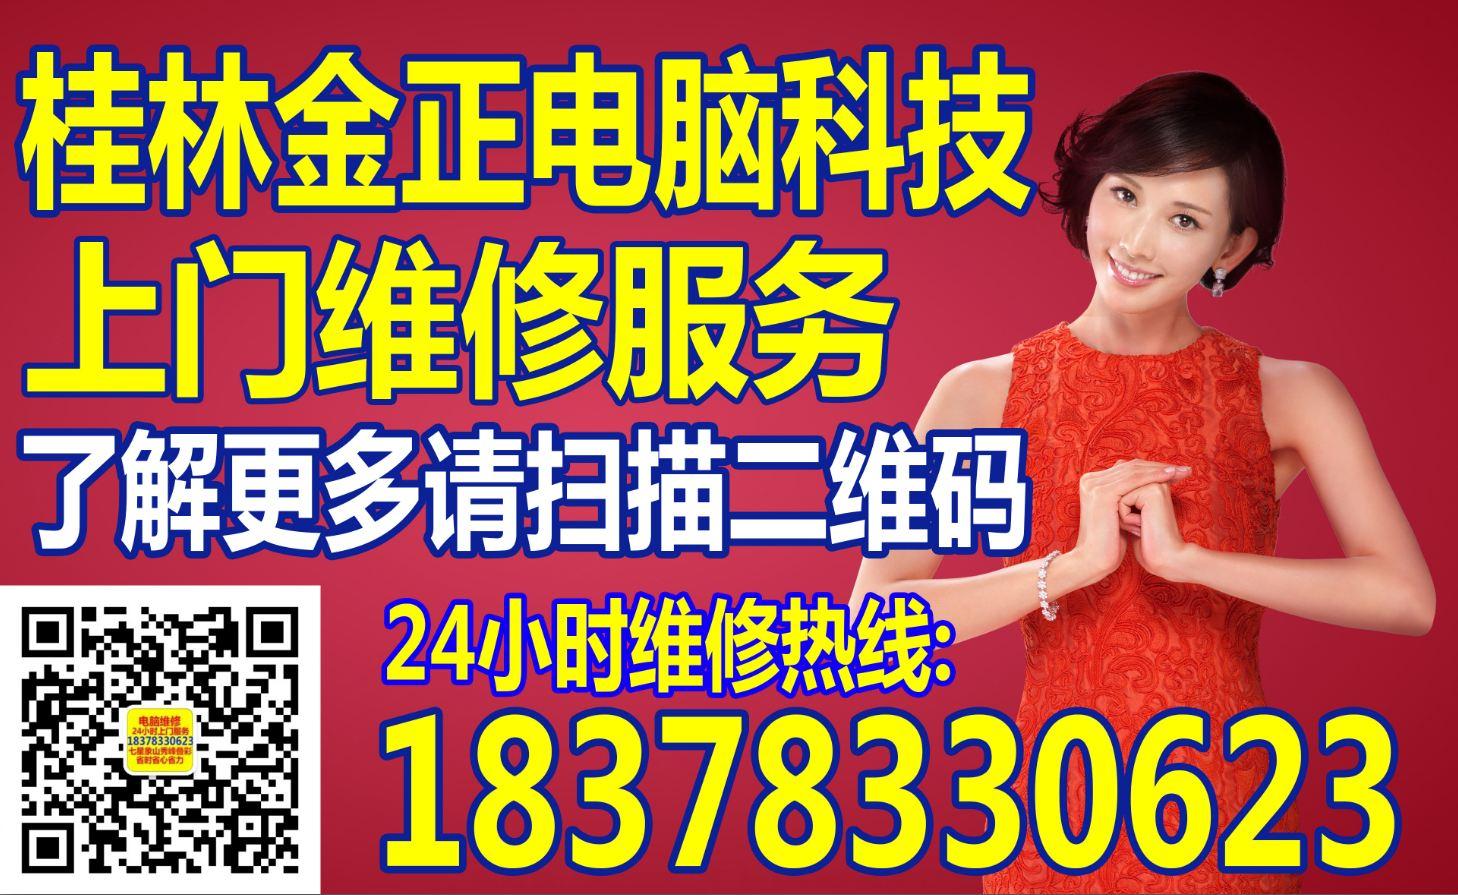 一站式电脑服务(七星象山秀峰叠彩)桂林市24小时极速上门